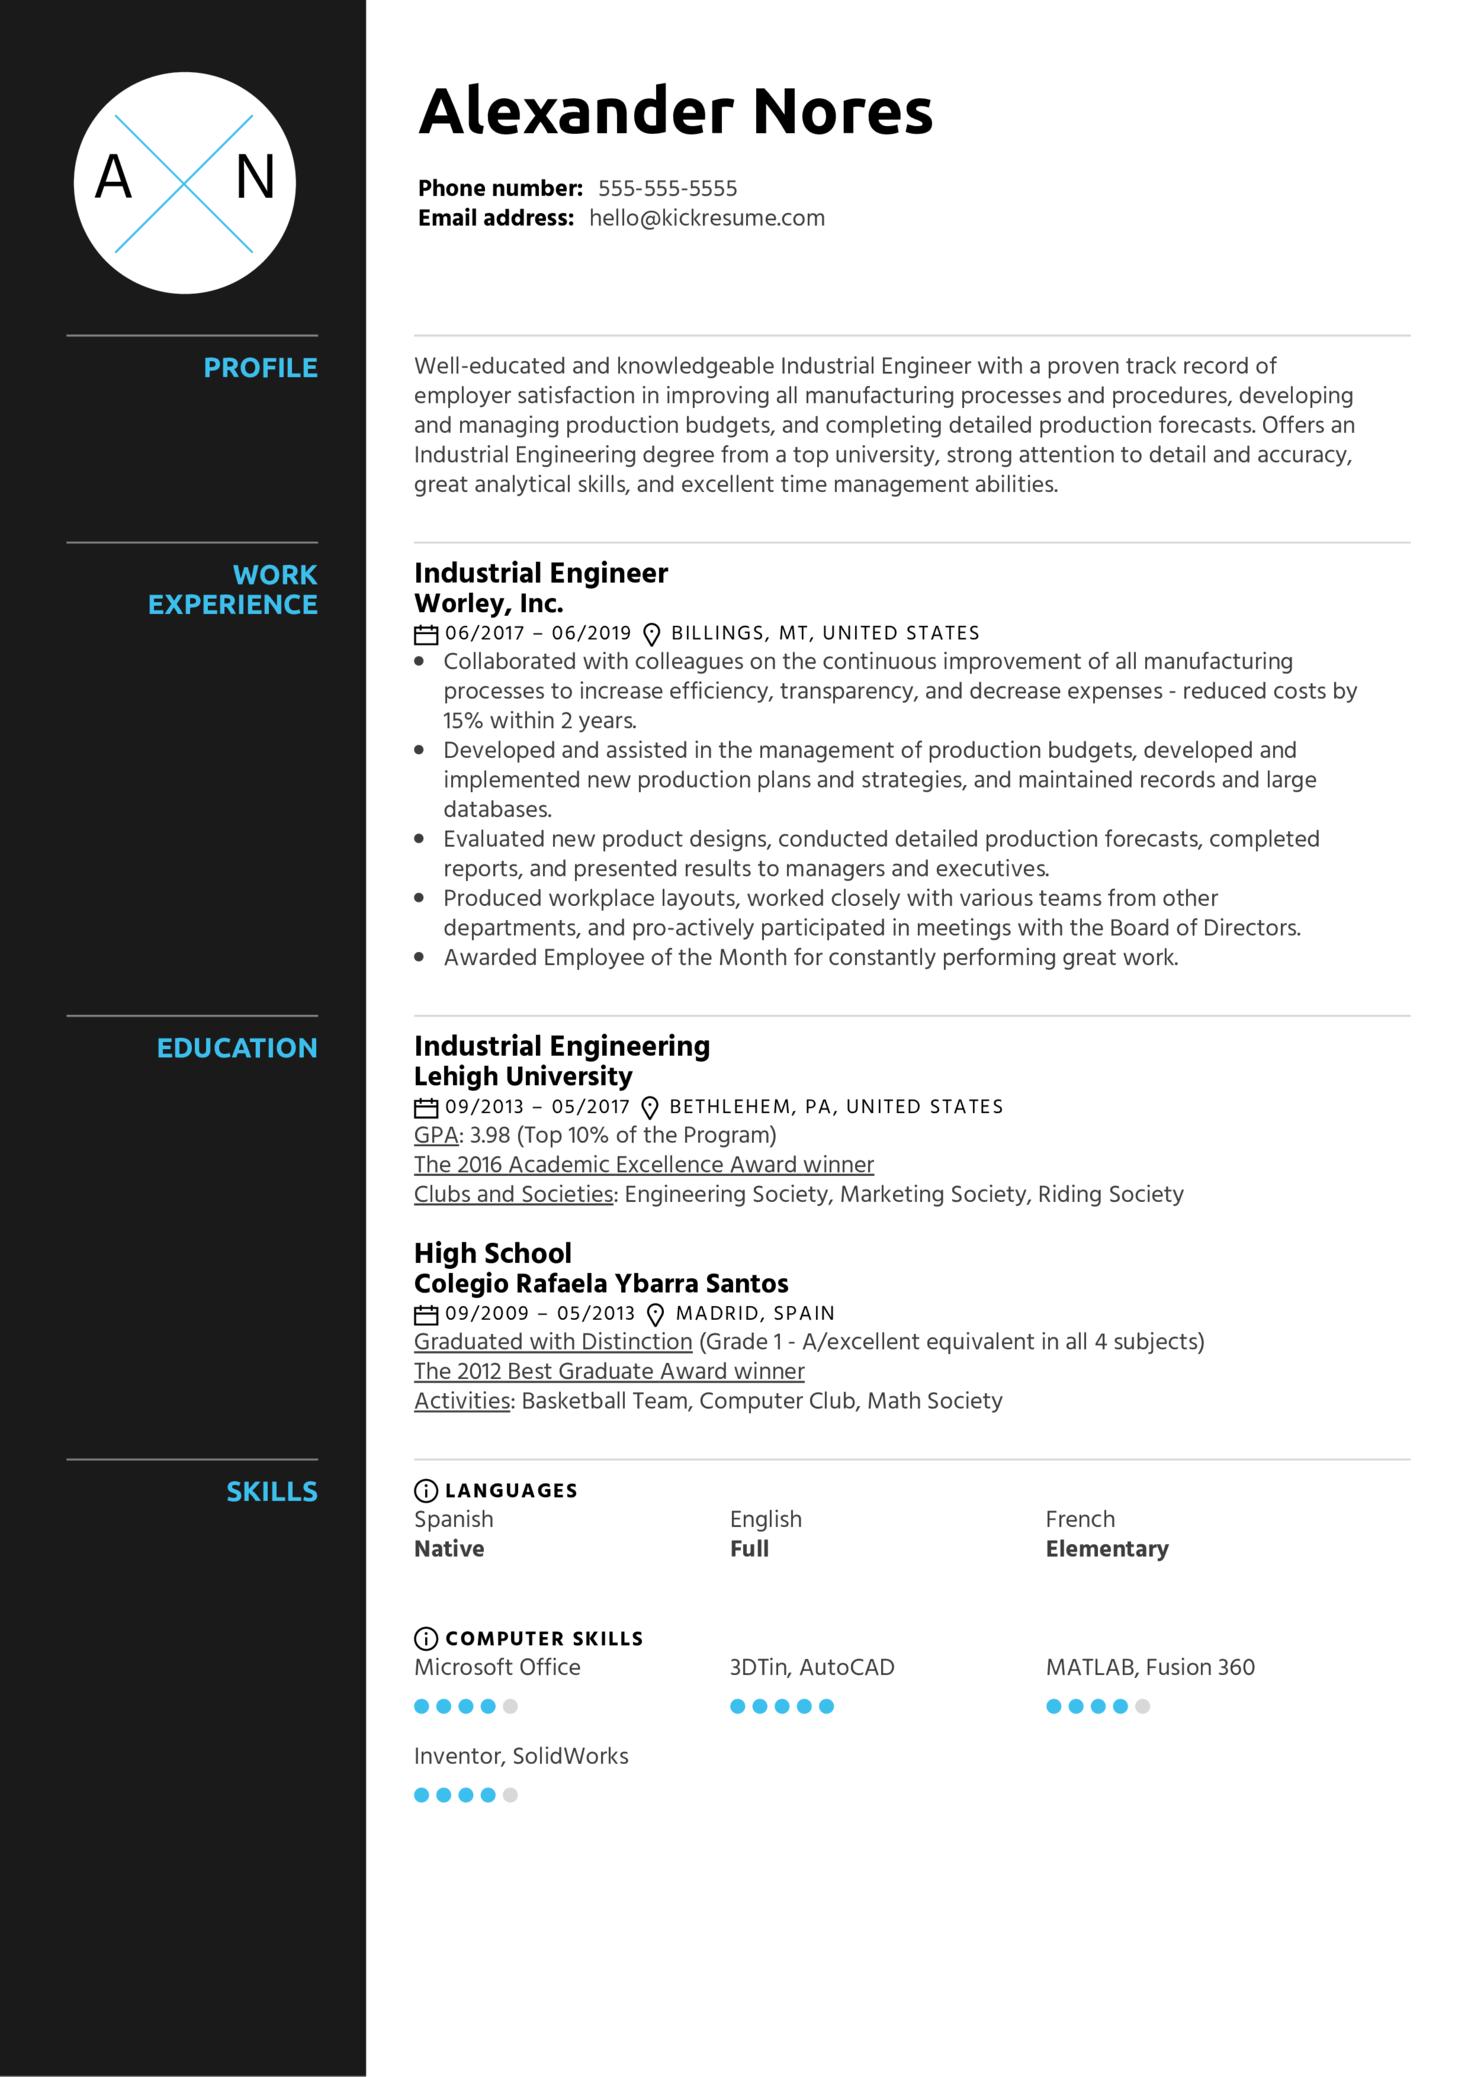 Industrial Engineer Resume Sample (časť 1)